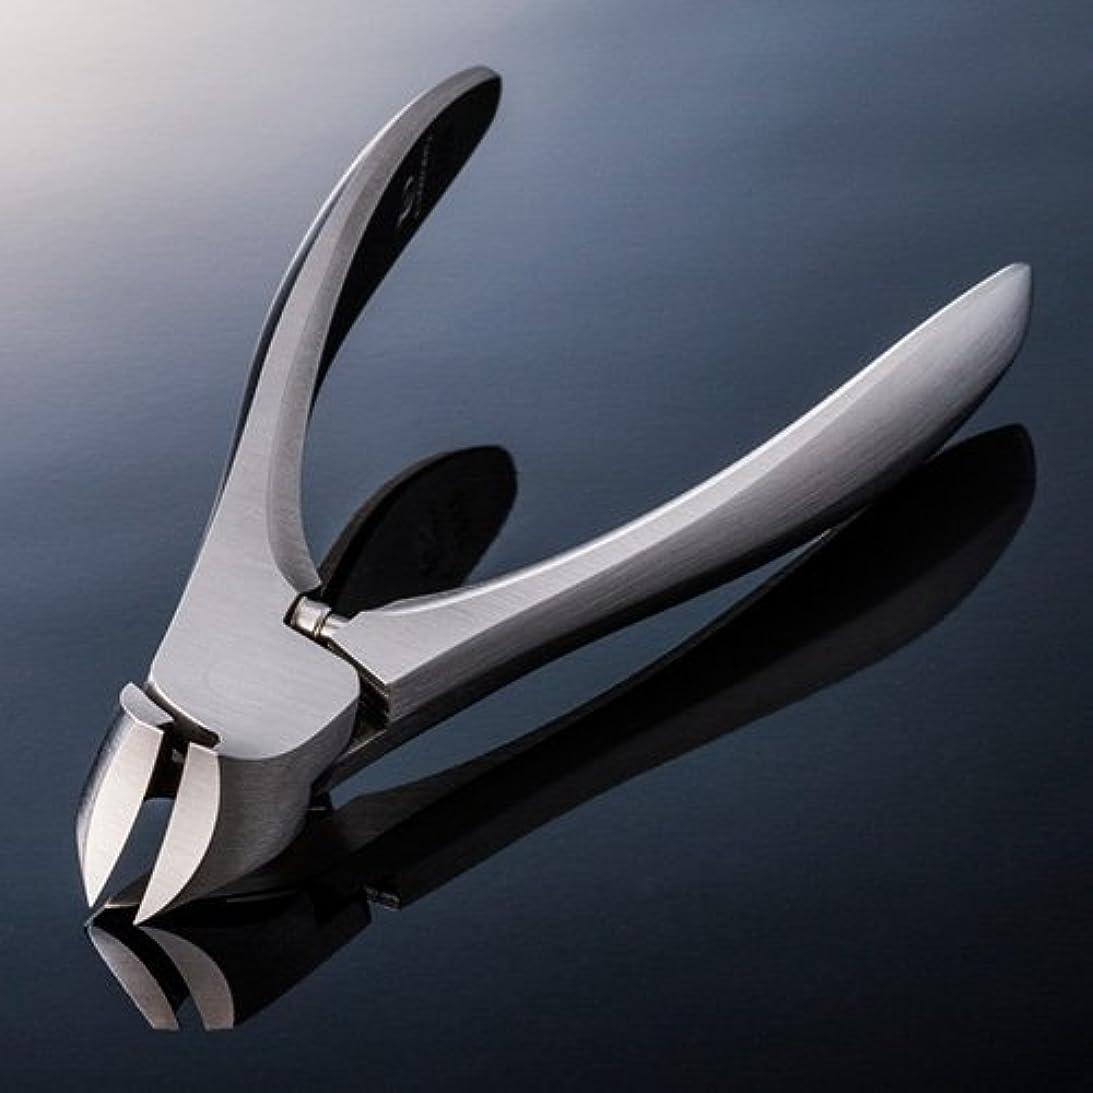 外交問題地域証拠【SUWADA クラシックL 爪やすり付】 諏訪田のつめ切り 爪切り ネイルニッパー 収納メタルケース付 /日本のいいもの